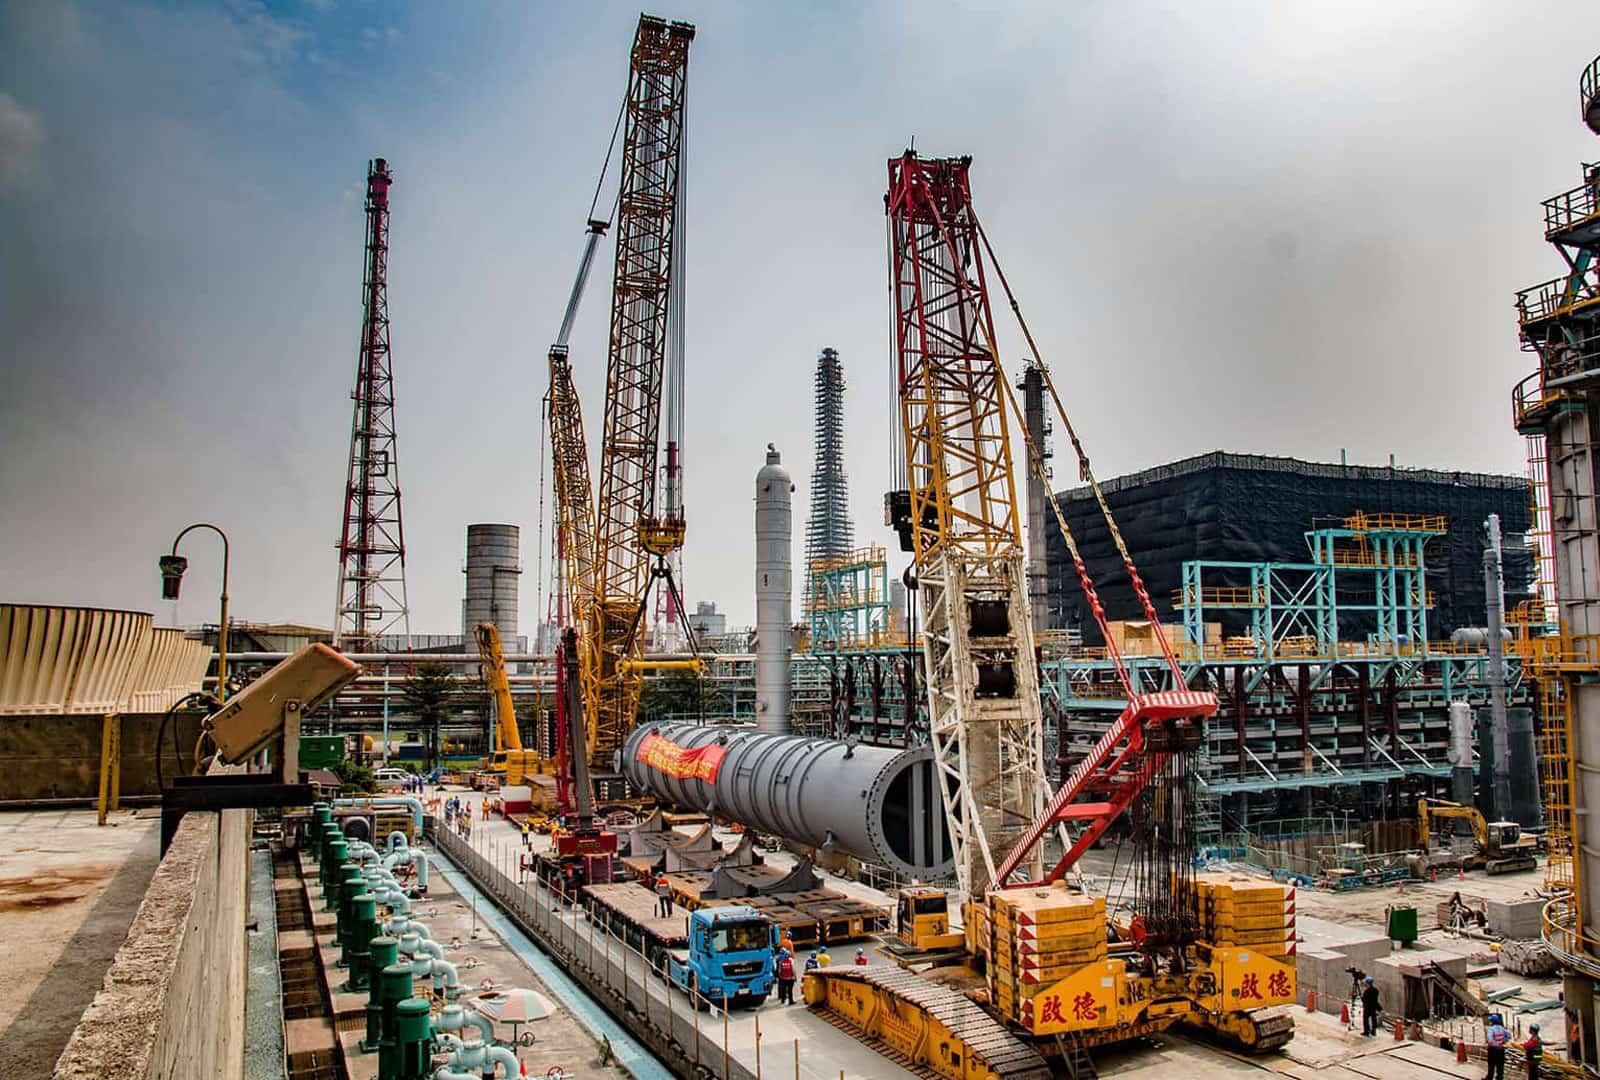 20160220 Dalingpu reactor lifting